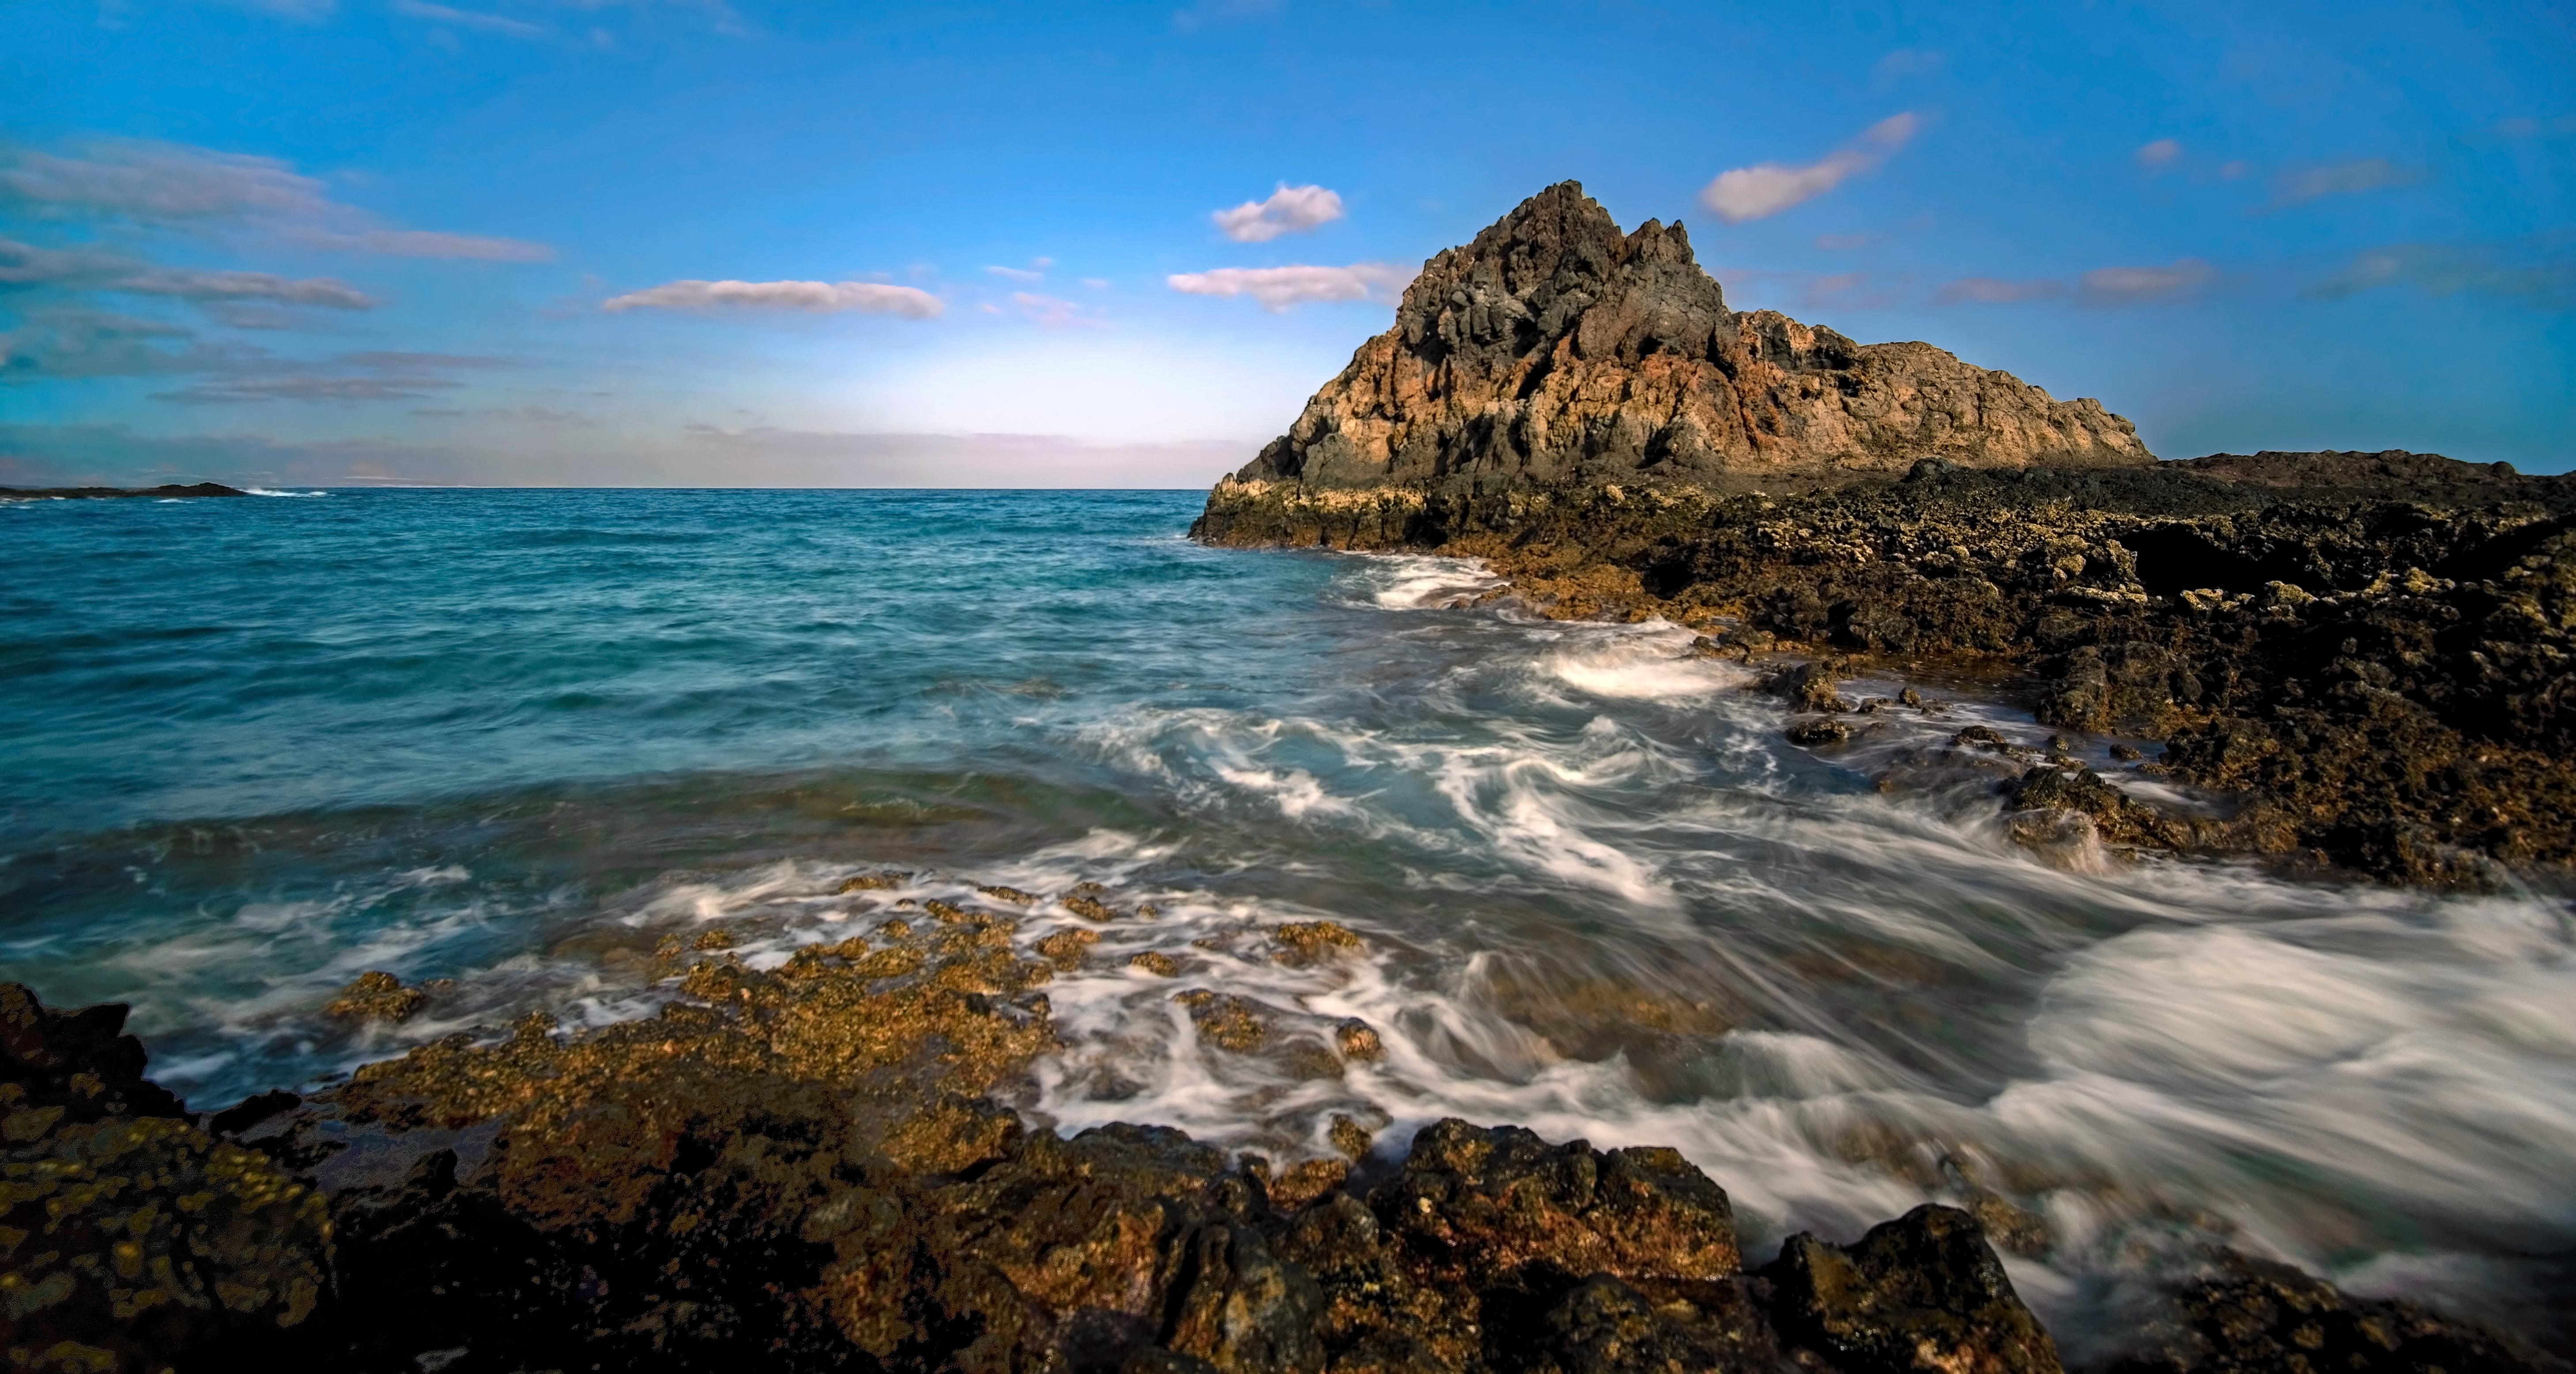 Isla de Lobos en España - 5835x3113